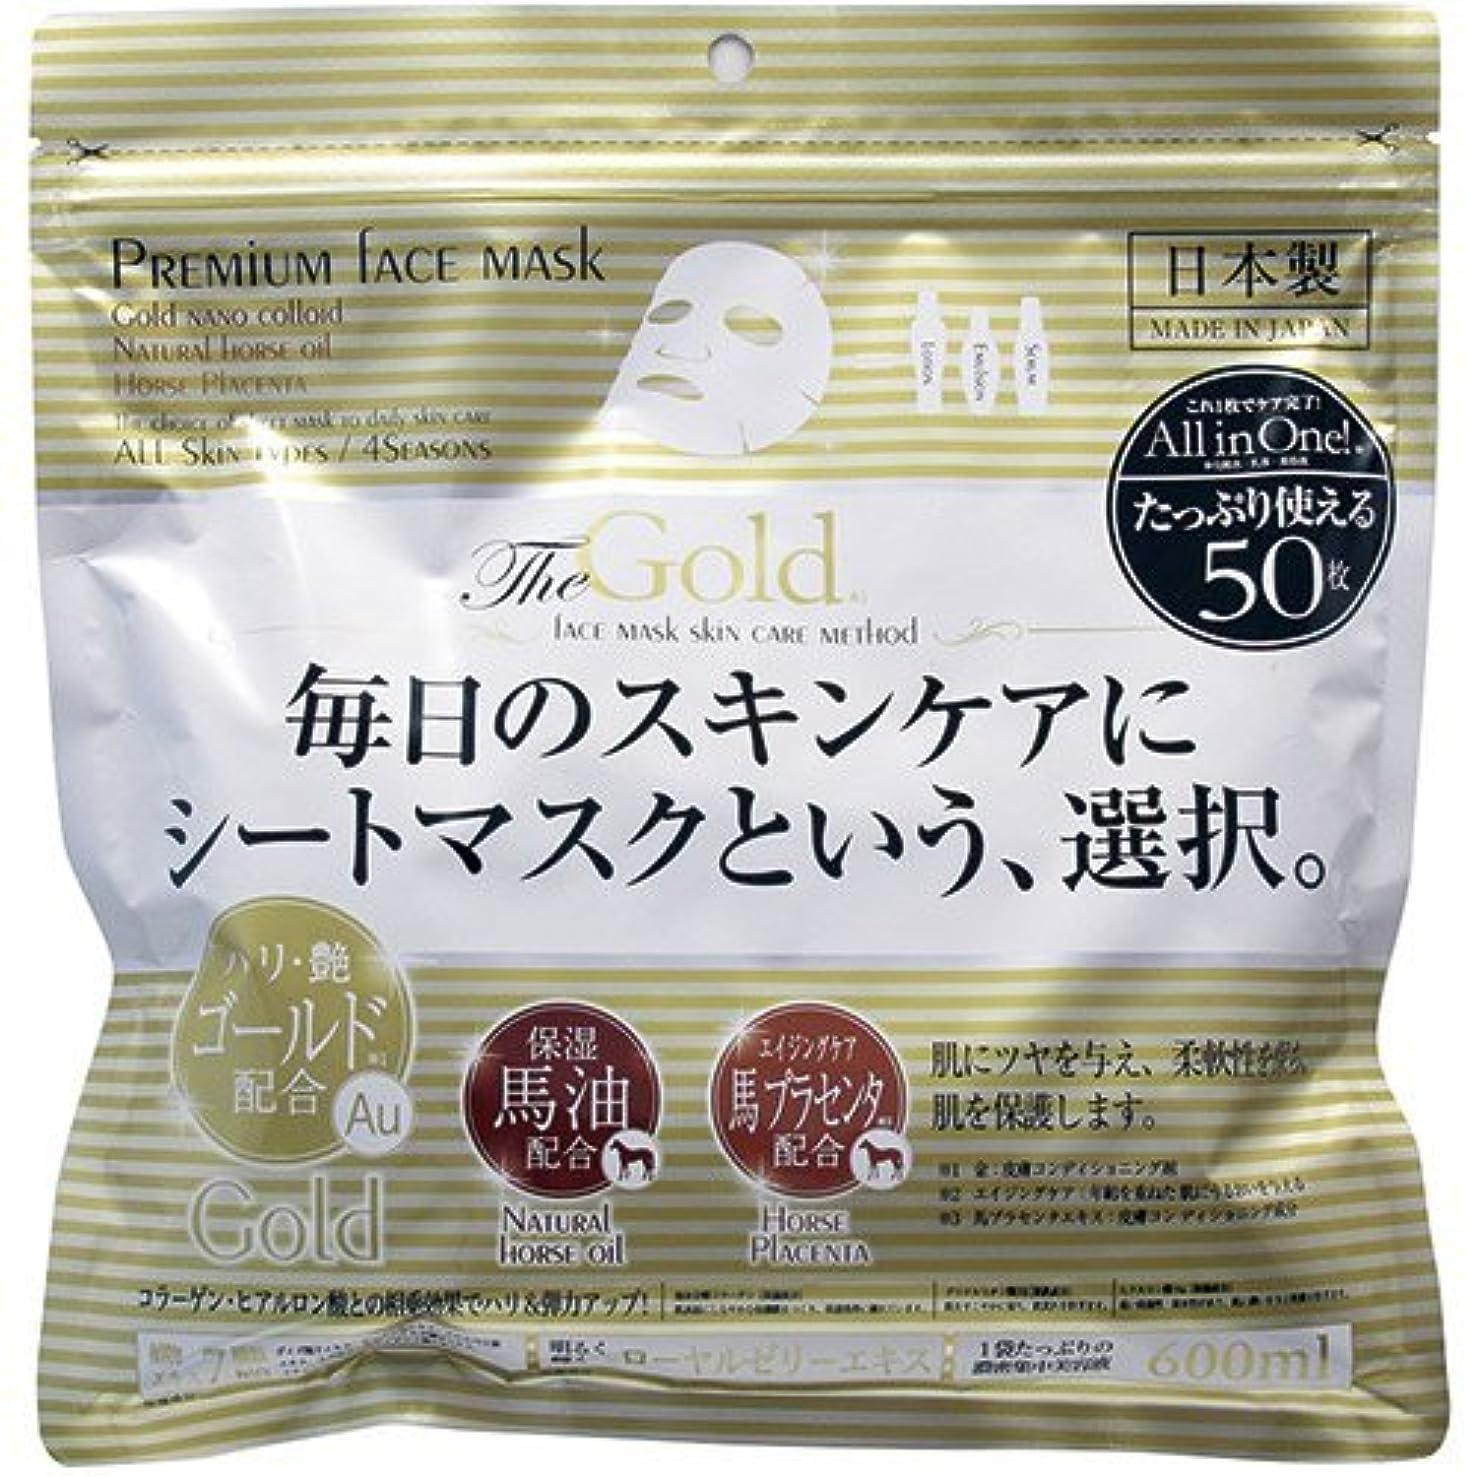 計算する無能傾向【進製作所】プレミアムフェイスマスク ゴールド 50枚 ×5個セット